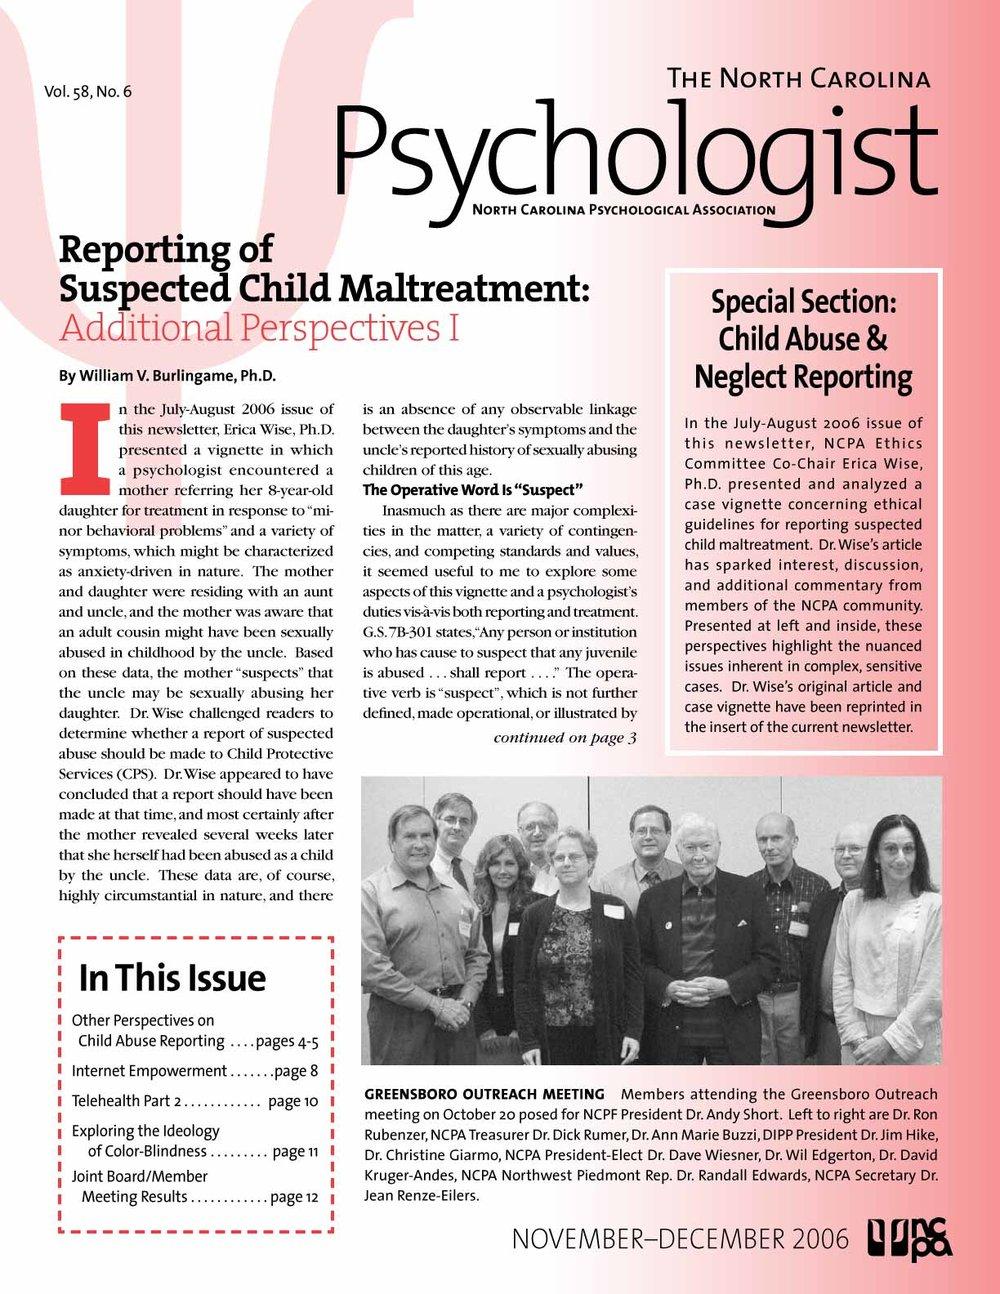 NC Psychological Association - Newsletter Layout Design